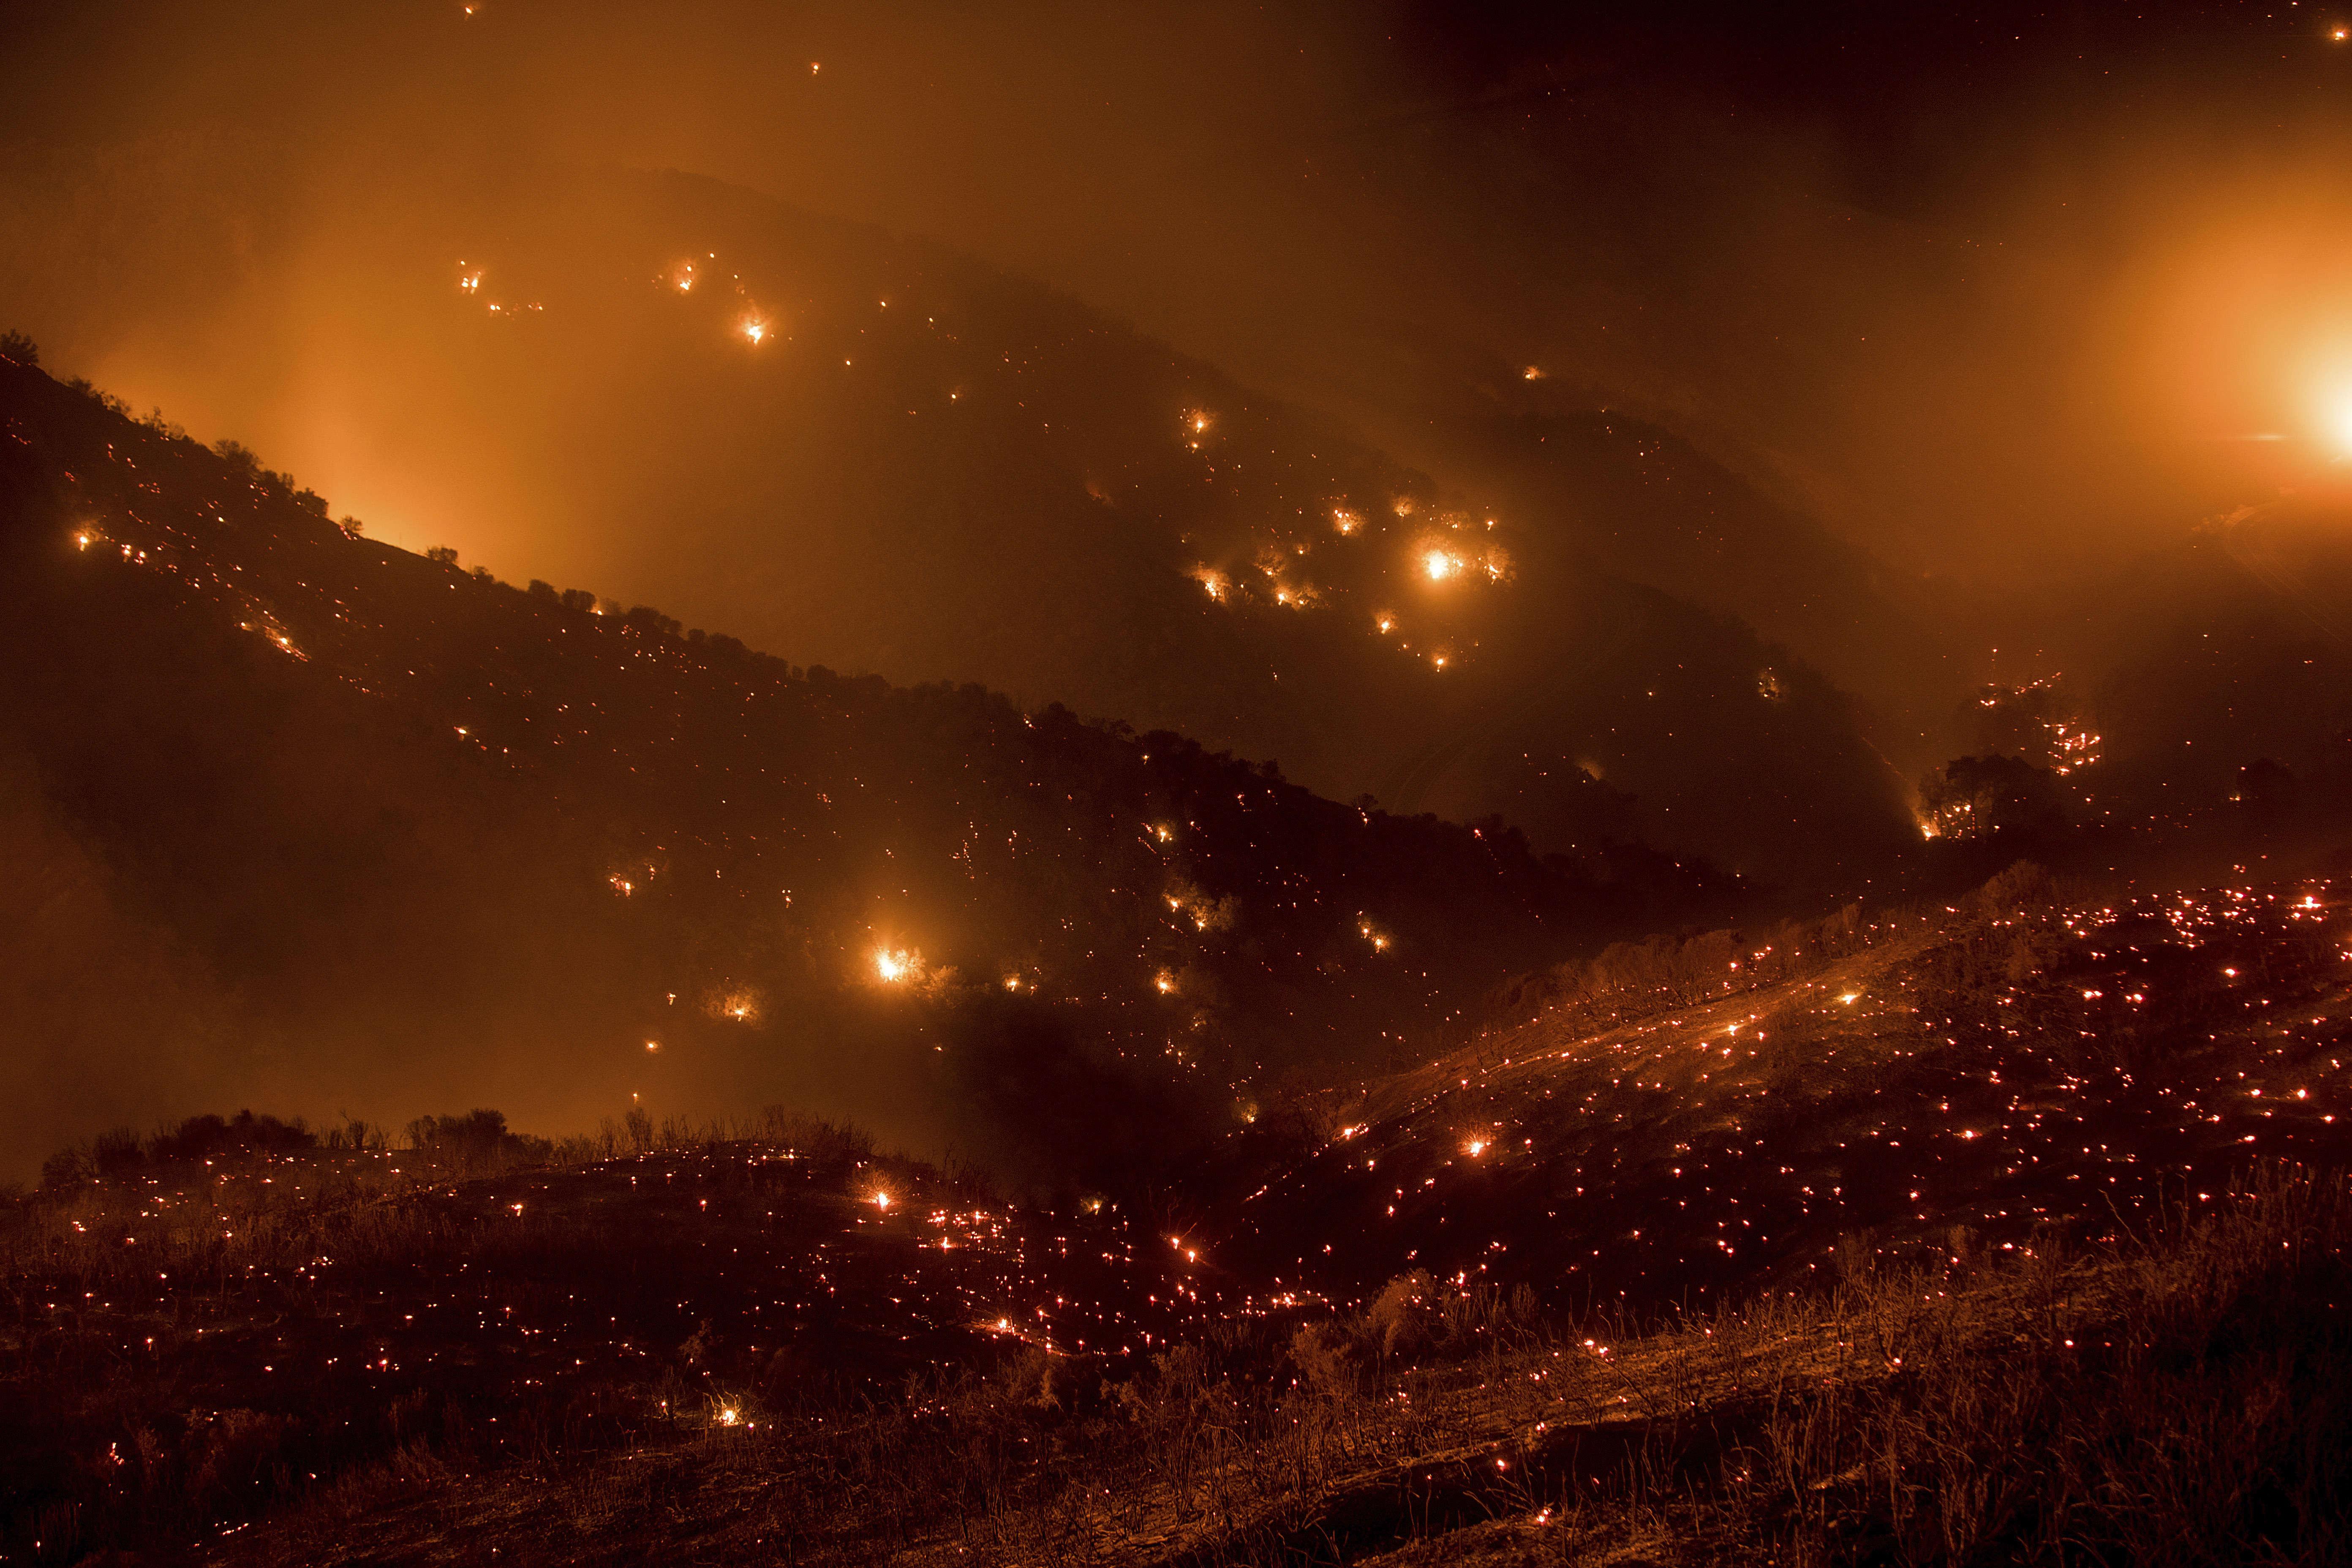 L'évacuation des zones les plus proches des bois de Los Padres a commencé dès vendredi, avant d'être levée samedi pour certains quartiers.